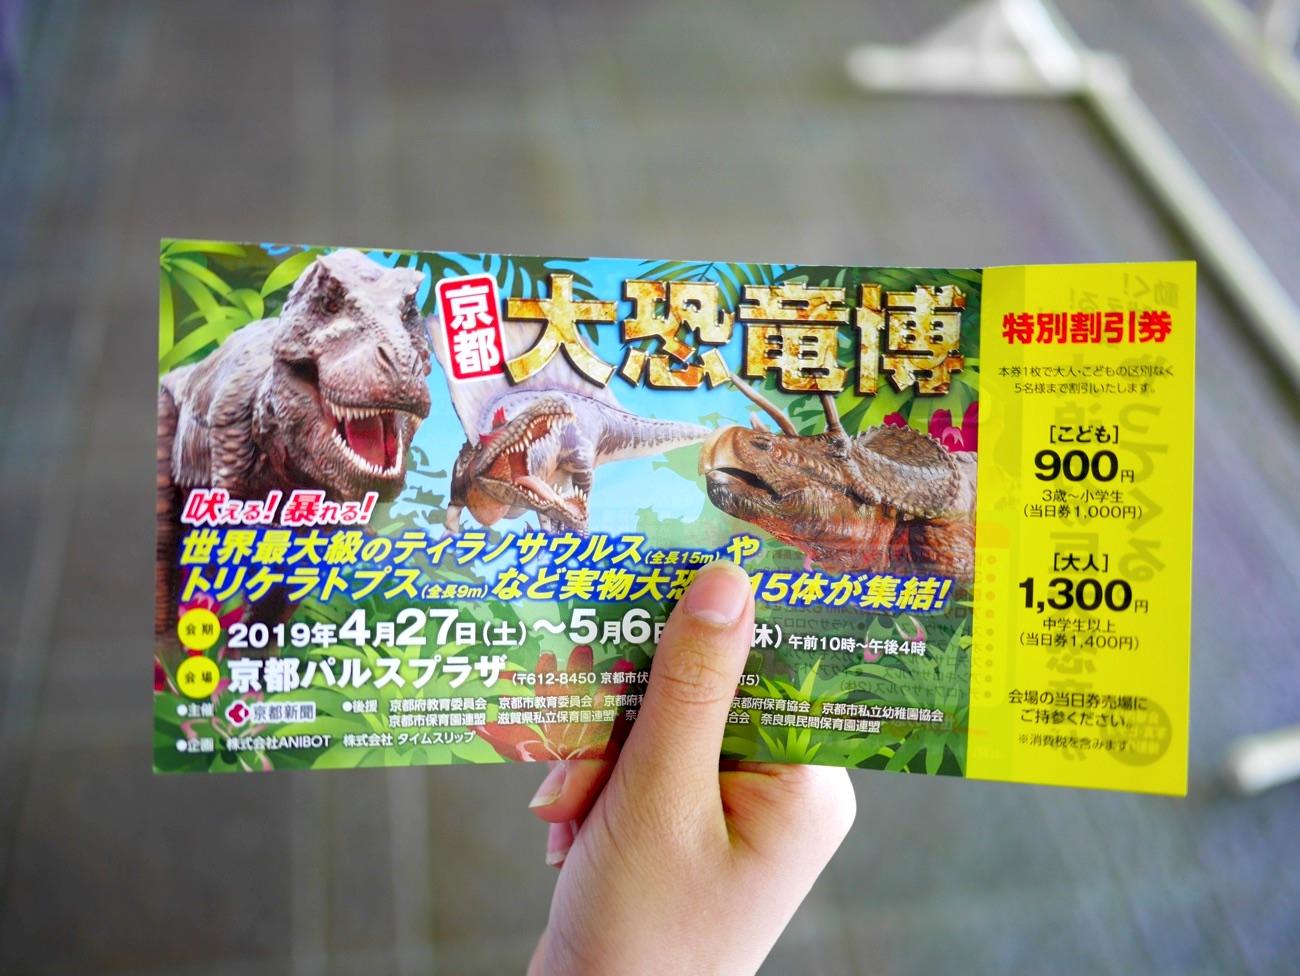 大恐竜博の特別割引券